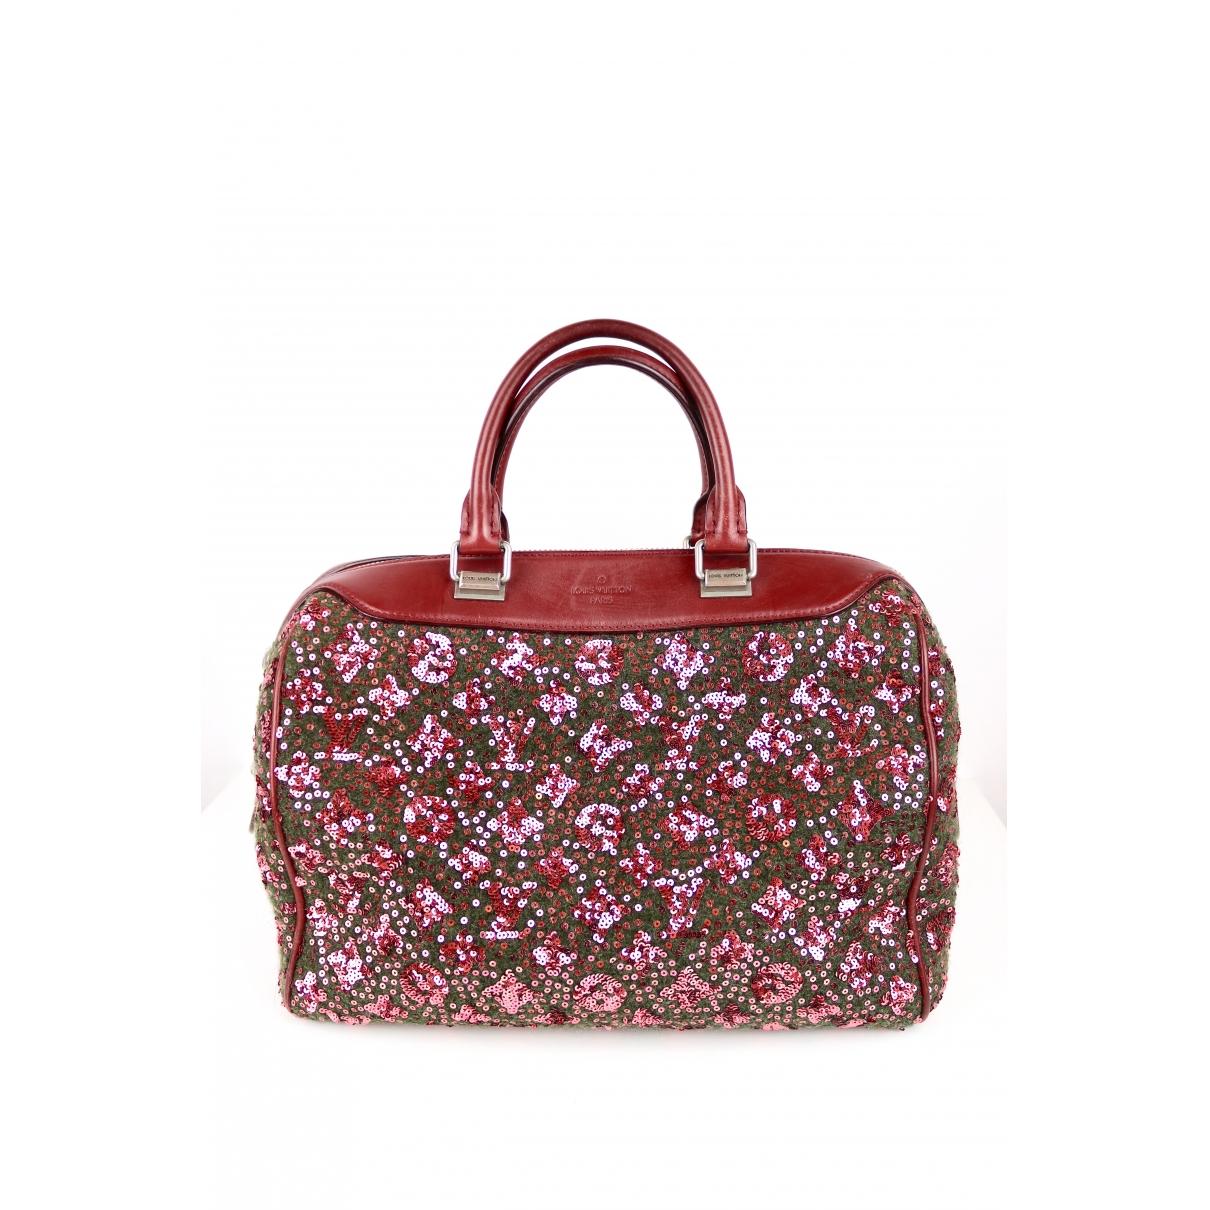 Louis Vuitton - Sac a main Speedy pour femme en a paillettes - bordeaux